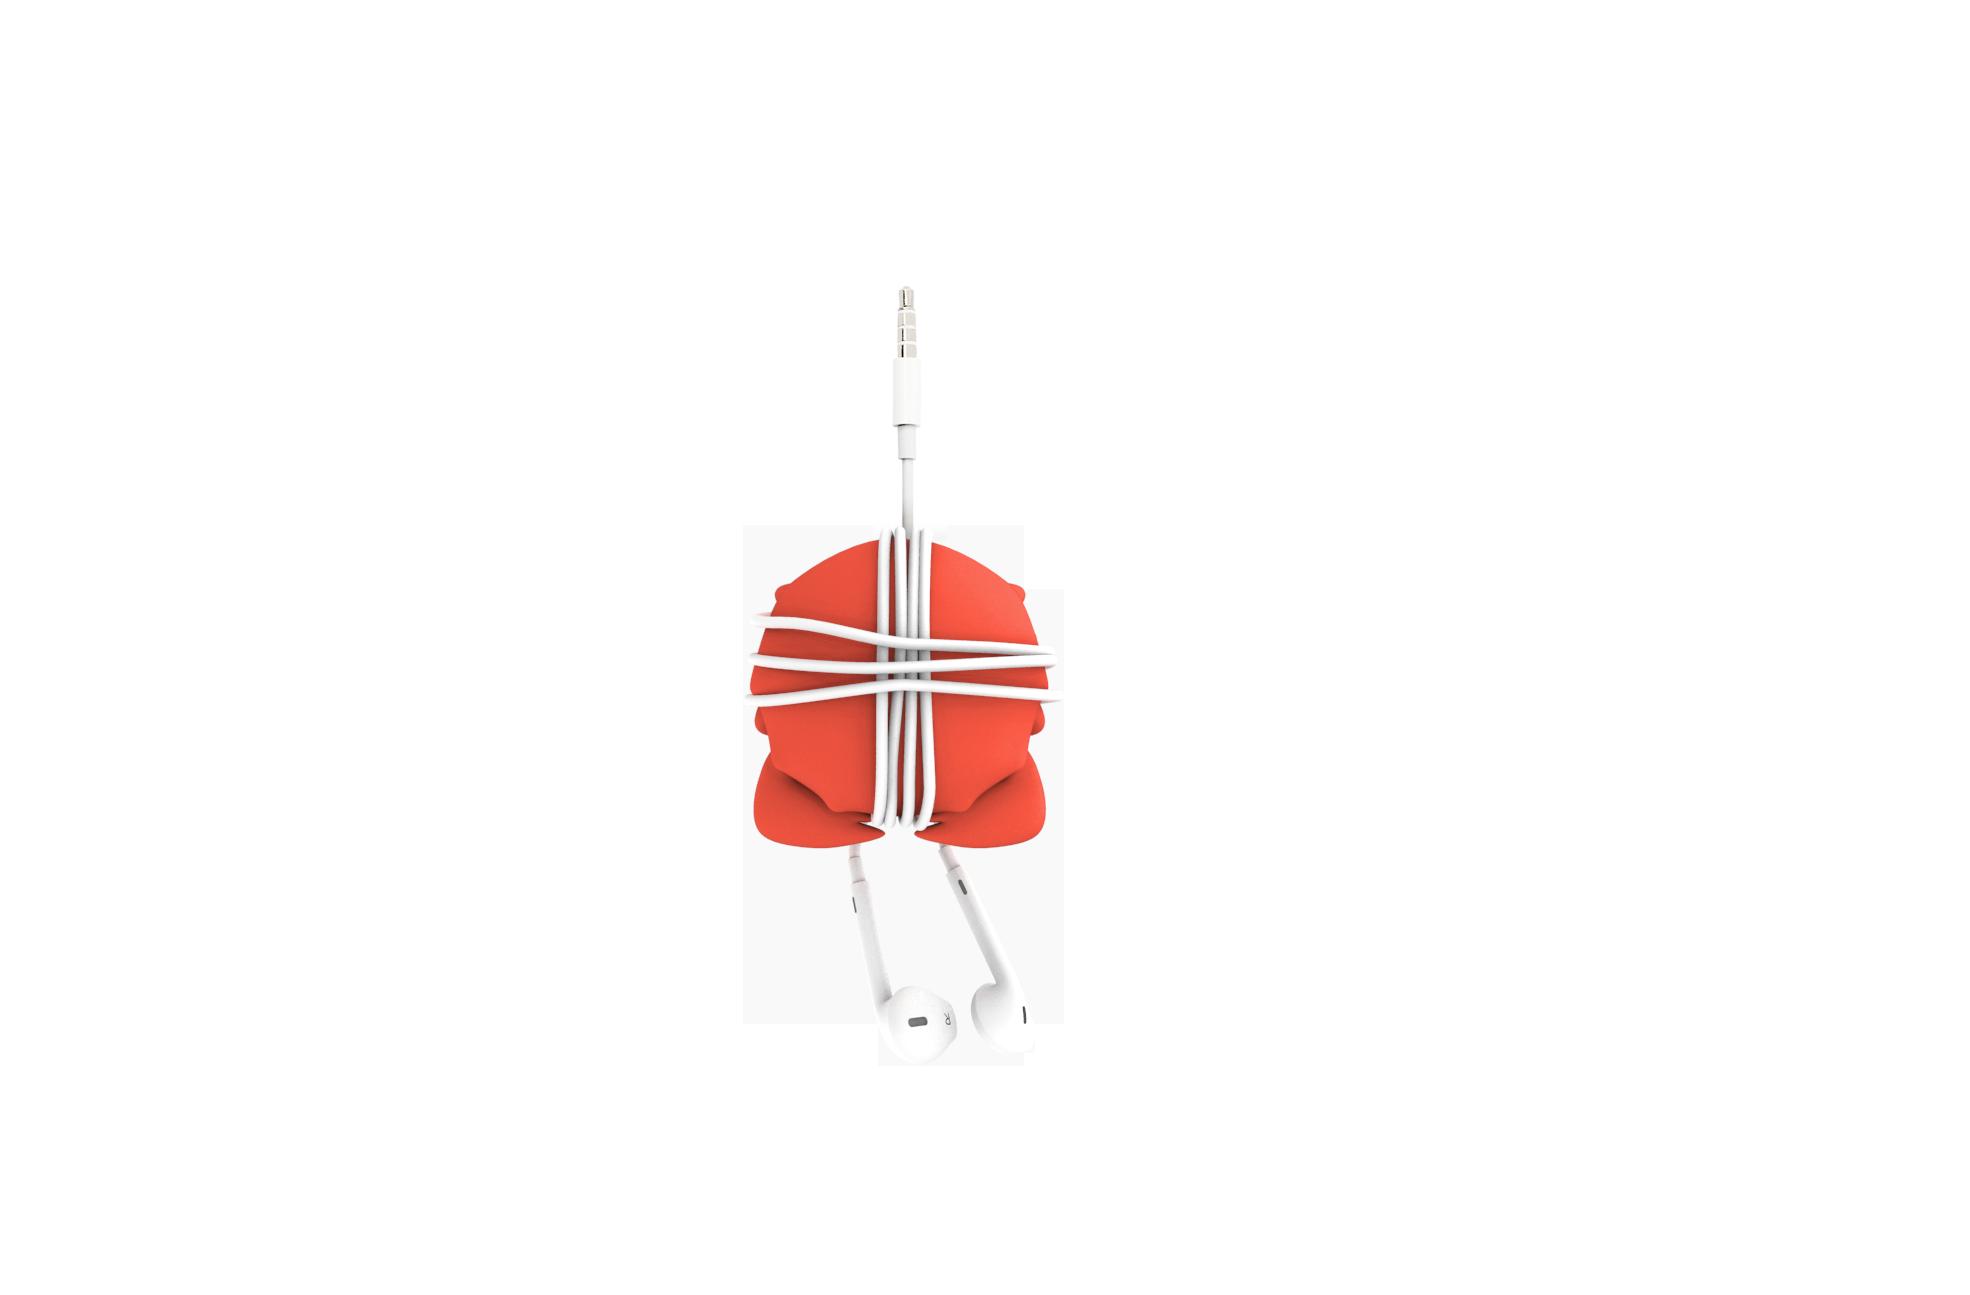 crab_06.png